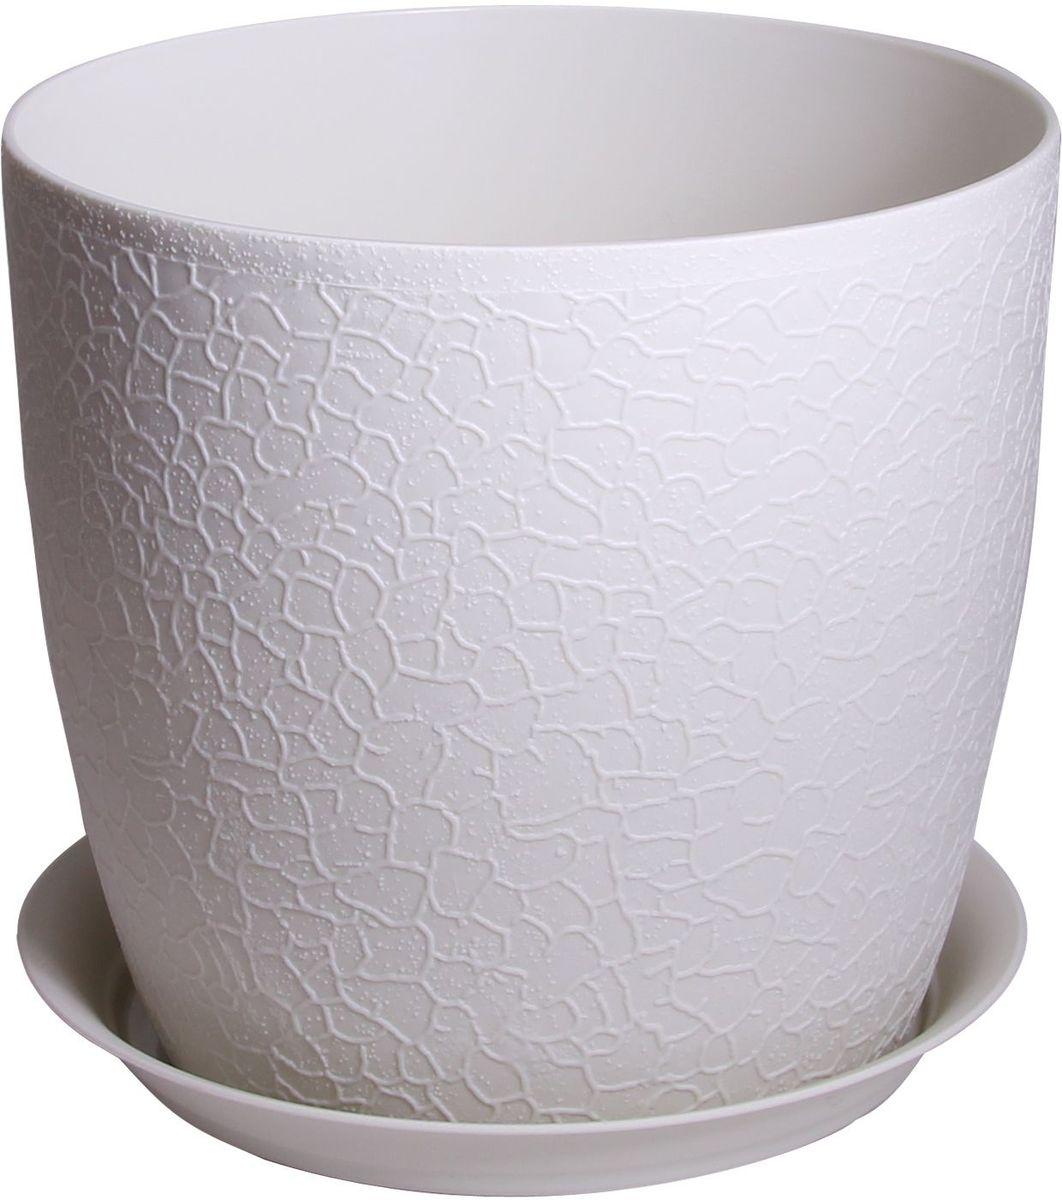 Кашпо Idea Верона, с подставкой, цвет: белый, диаметр 14 смМ 3086Кашпо Idea Верона изготовлено из полипропилена (пластика). Специальная подставка предназначена для стока воды. Изделие прекрасно подходит для выращивания растений и цветов в домашних условиях.Диаметр кашпо: 14 см.Высота кашпо: 12,6 см.